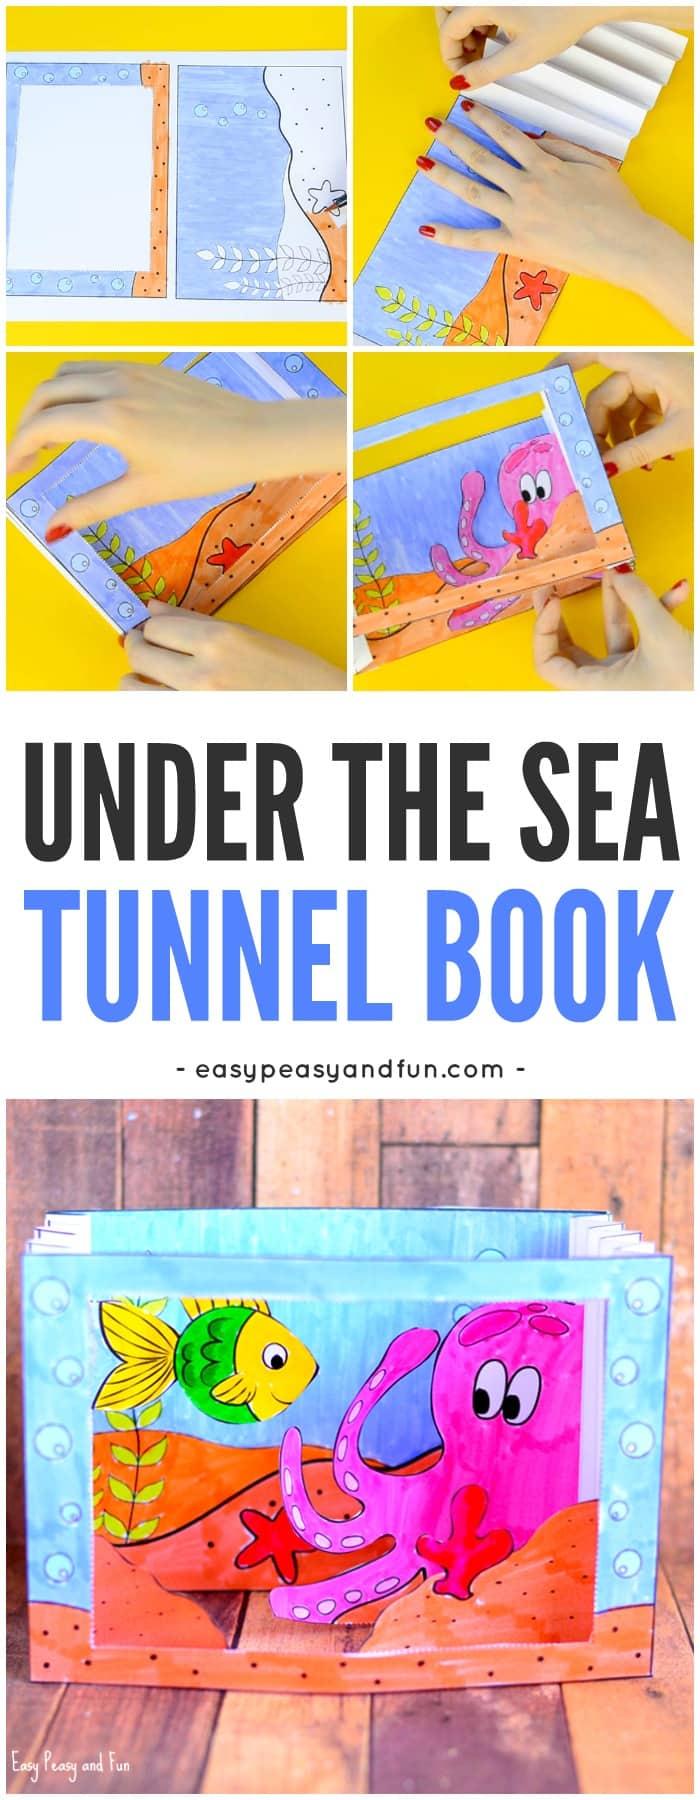 Under the Sea Tunnel Book